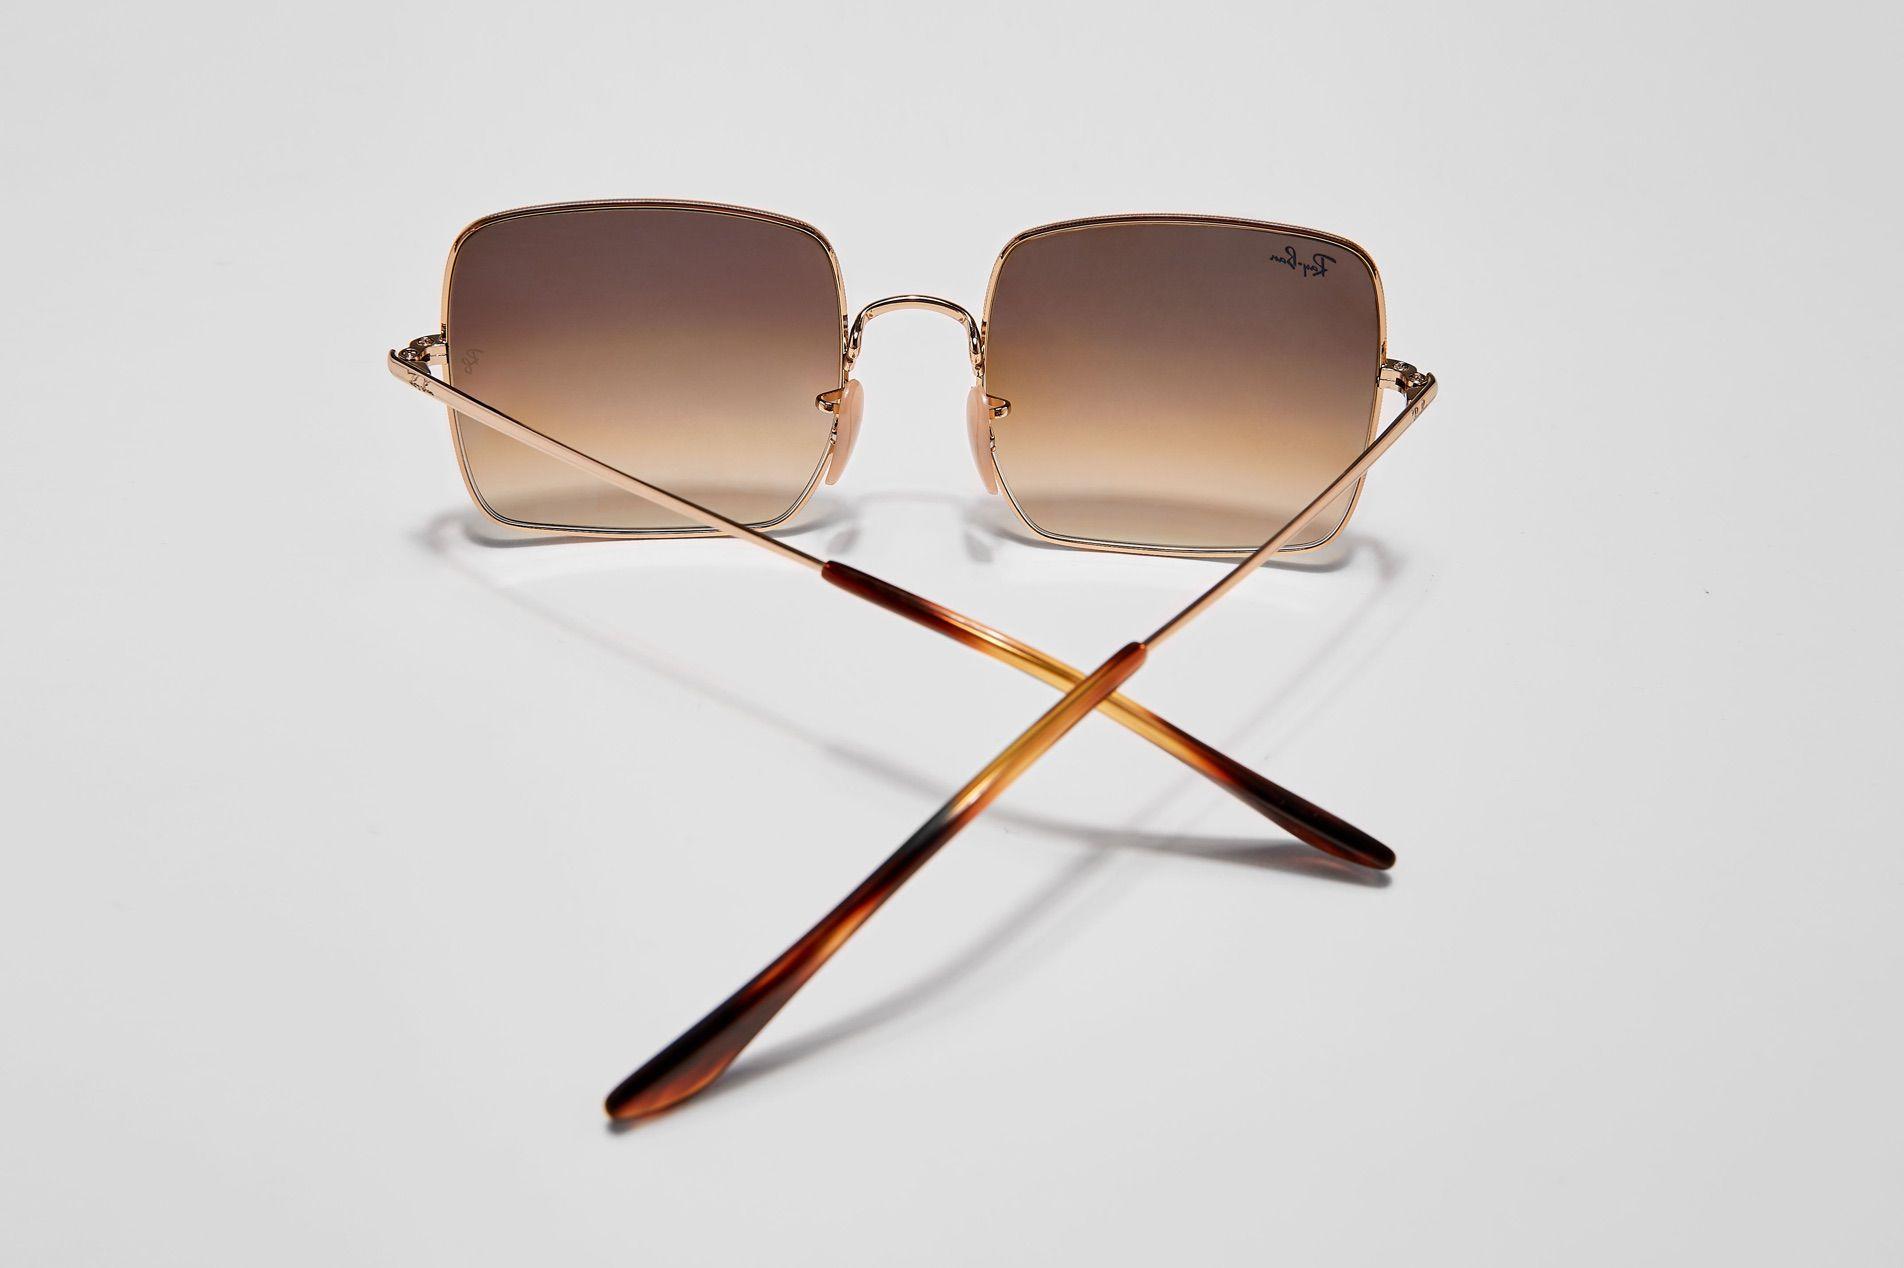 6e12b4eda9 Gafas de sol de tendencia para mujer - Logomania | Sunglass Hut España